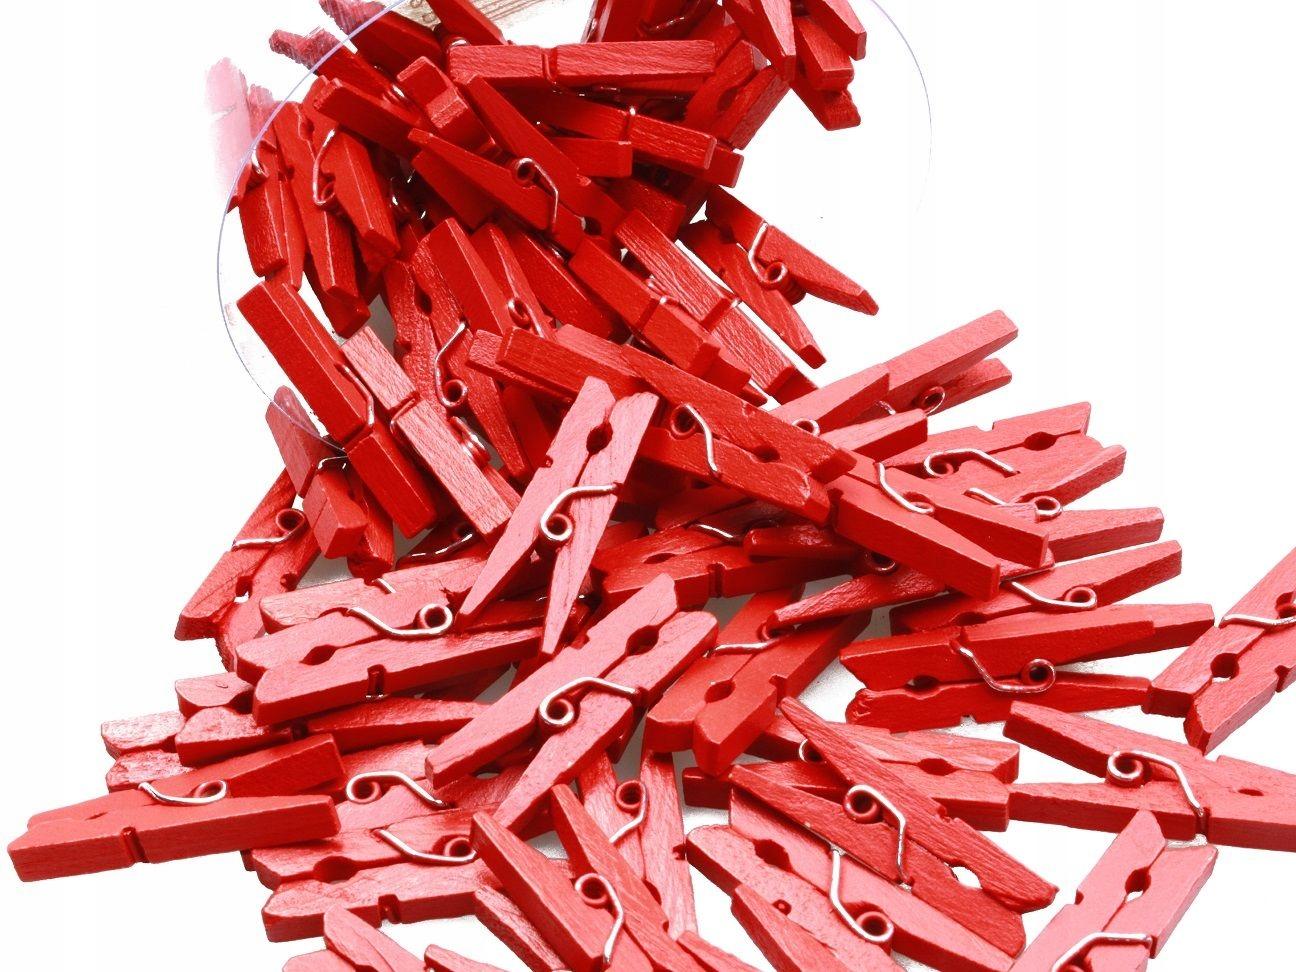 KLAMERKI MINI SPINACZE 72szt 3cm Czerwone